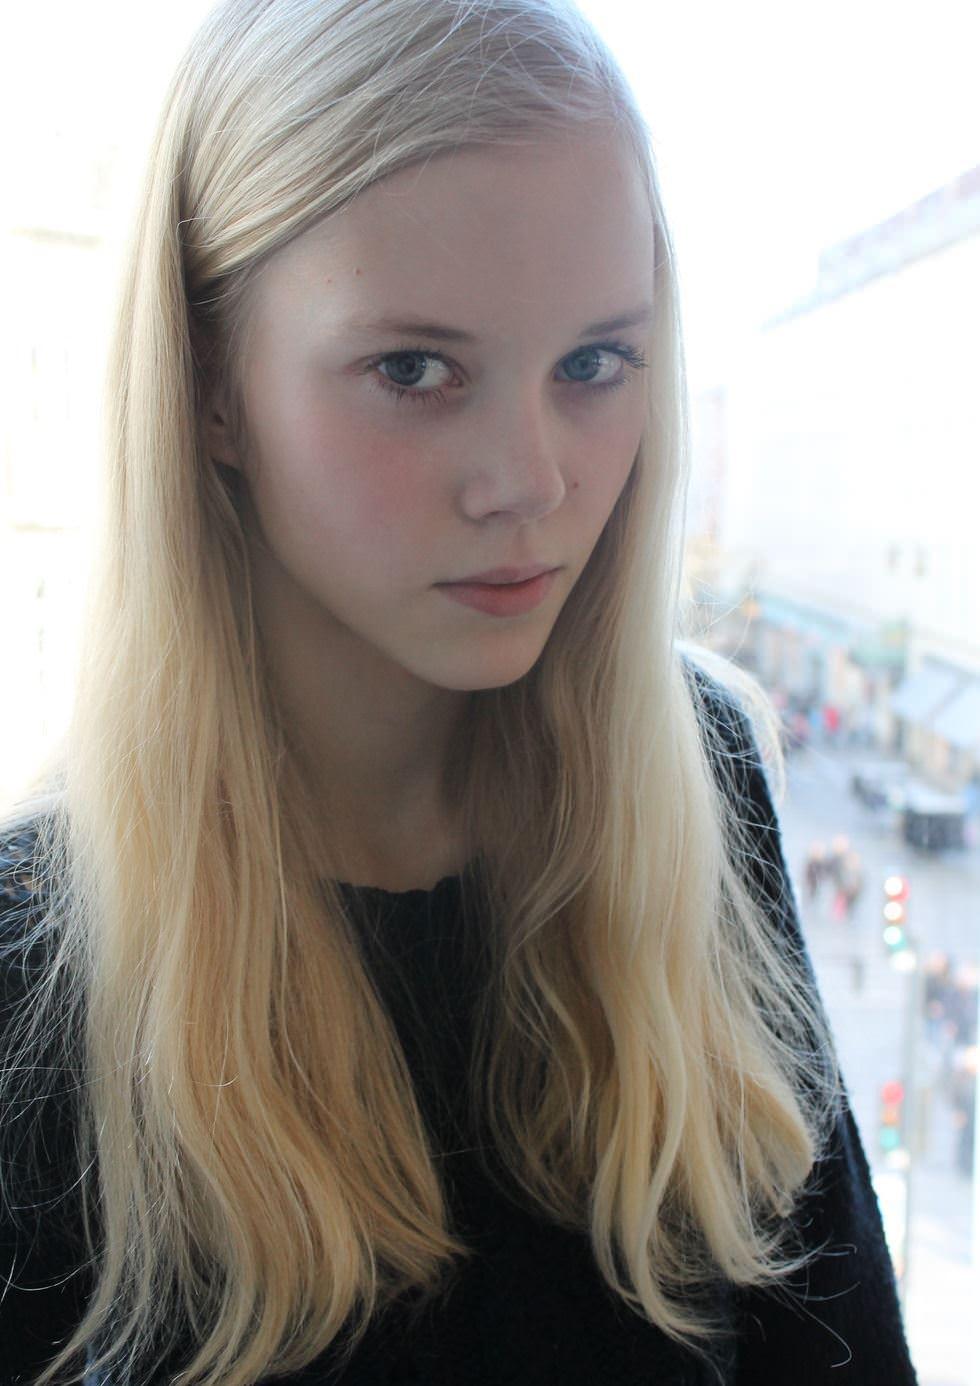 【外人】デンマークの妖精アメリー·シュミット(Amalie Schmidt)が異常な程可愛いポルノ画像 21117